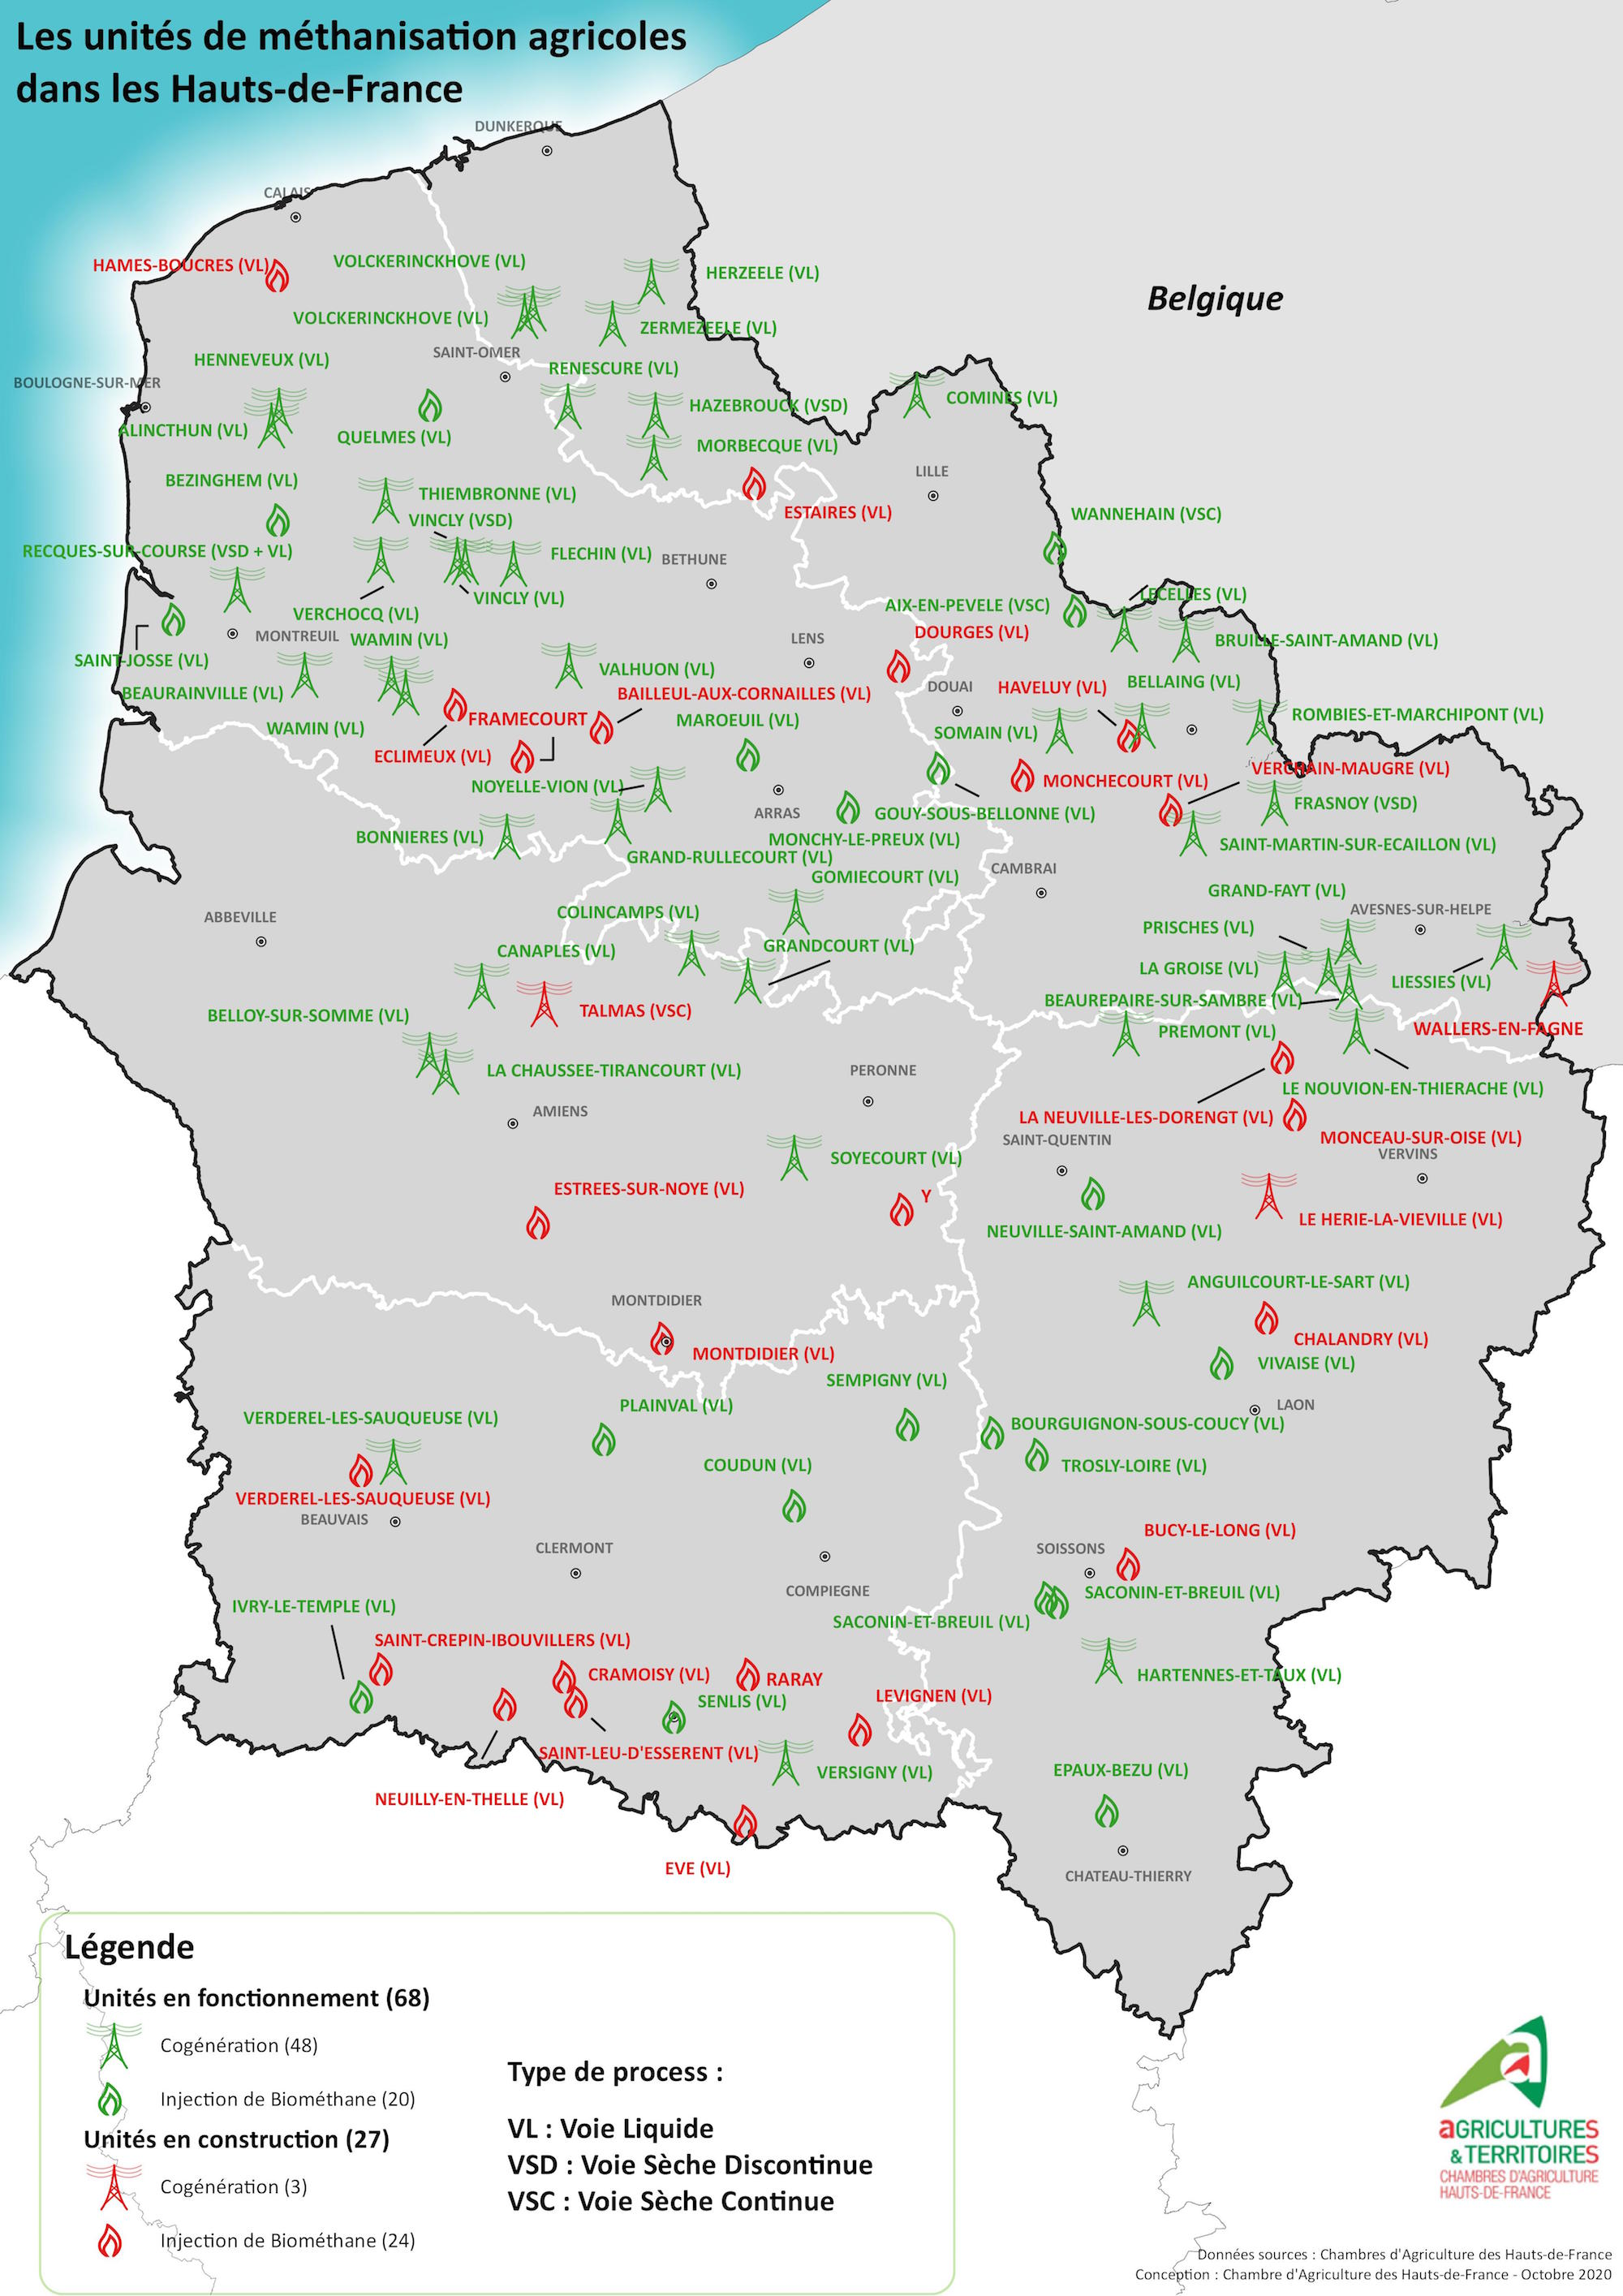 68, c'est le nombre d'unités de méthanisation agricole en service dans les Hauts-de-France